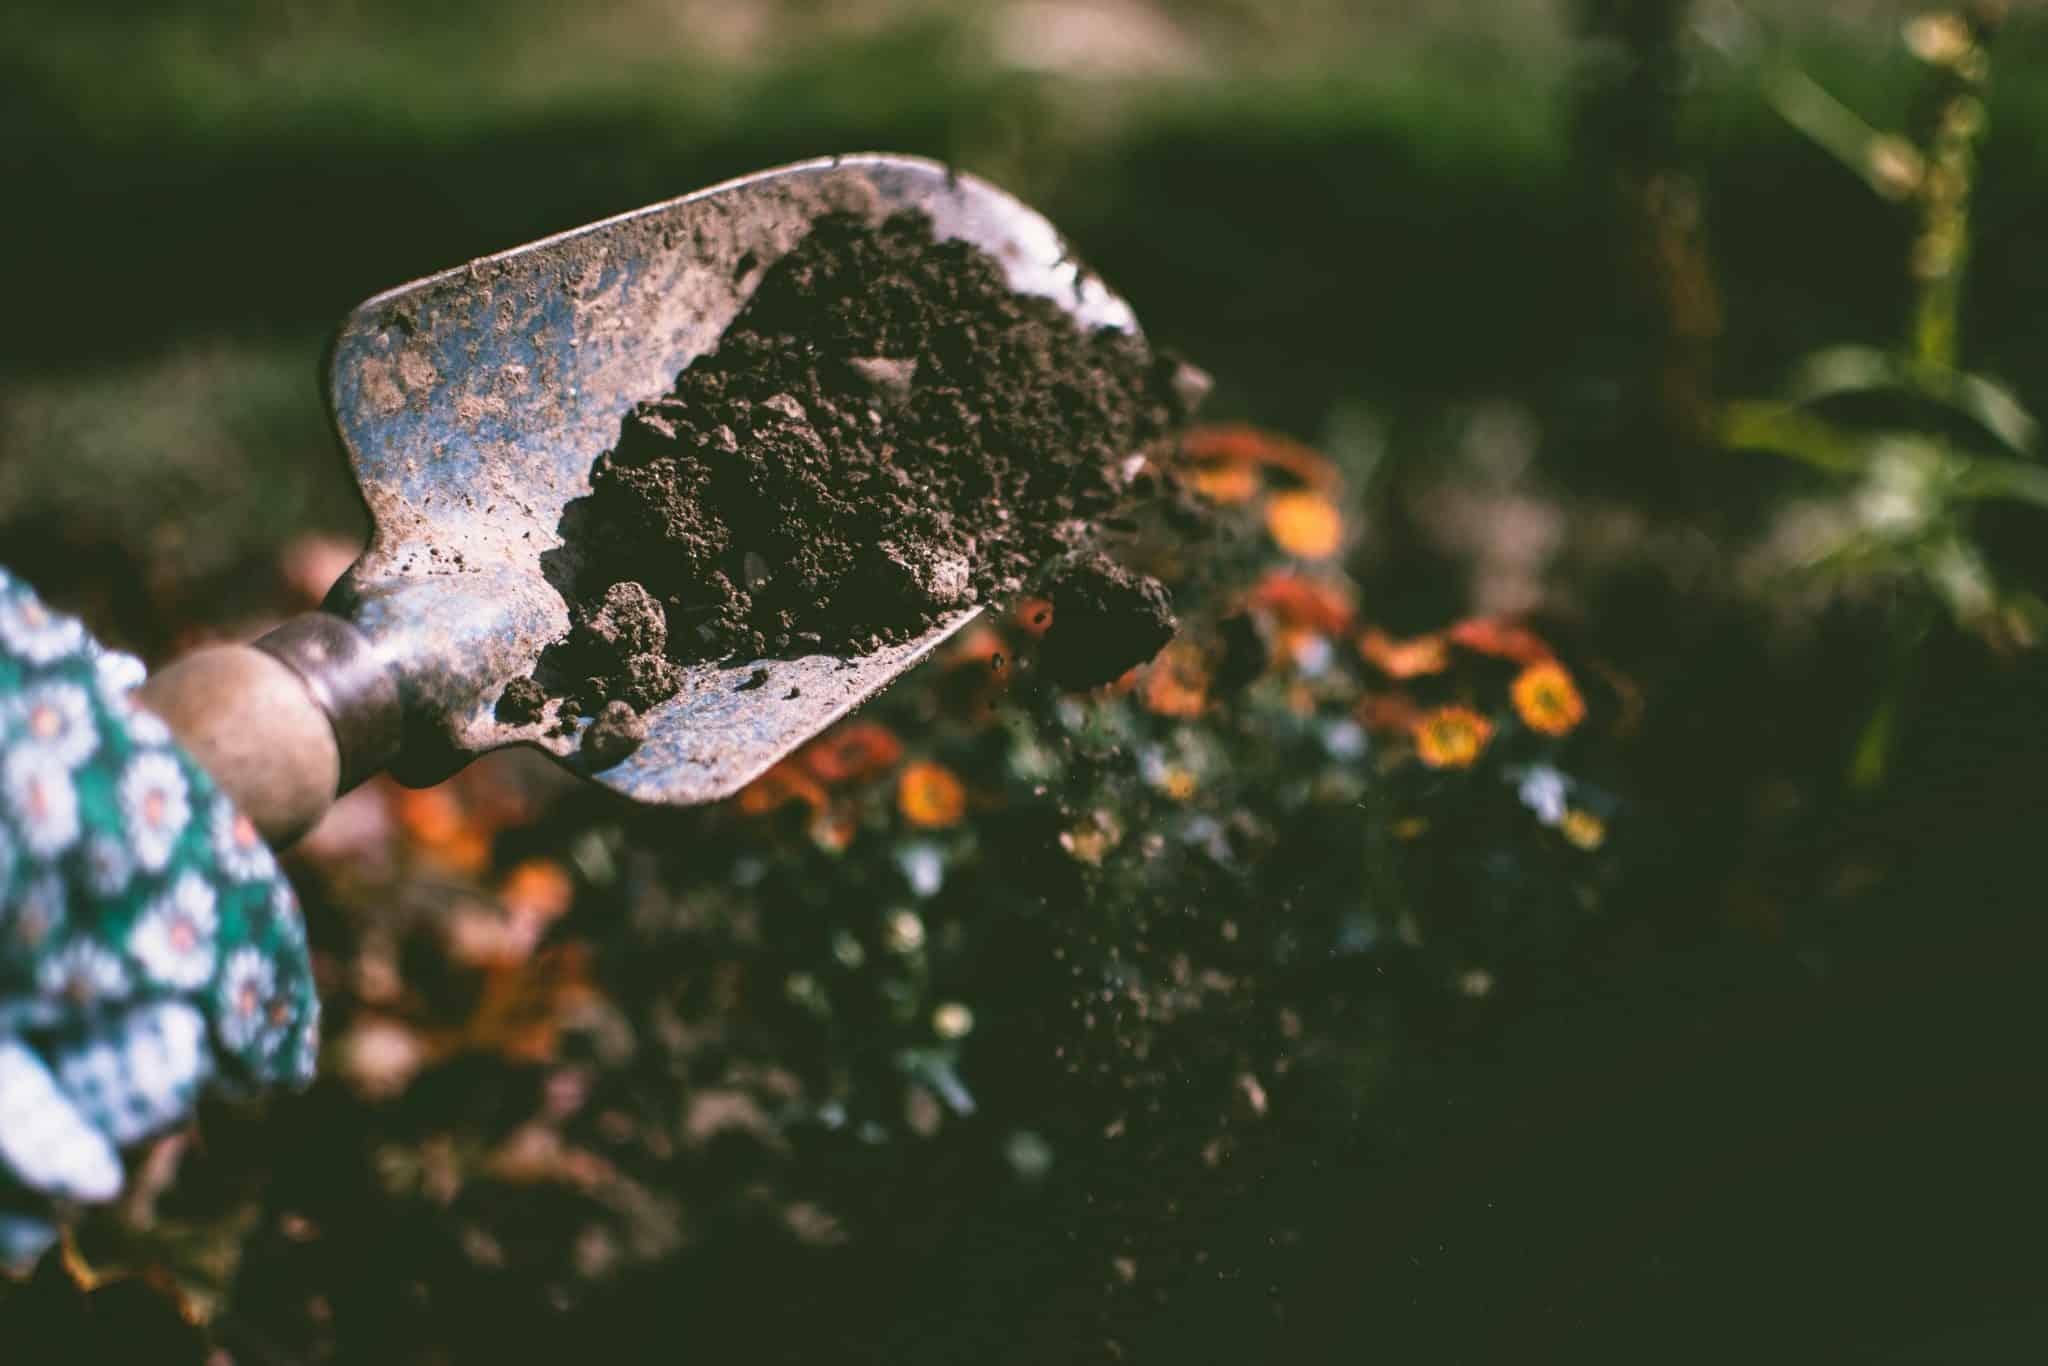 Osoba vykopávajúca hlinu na záhrade